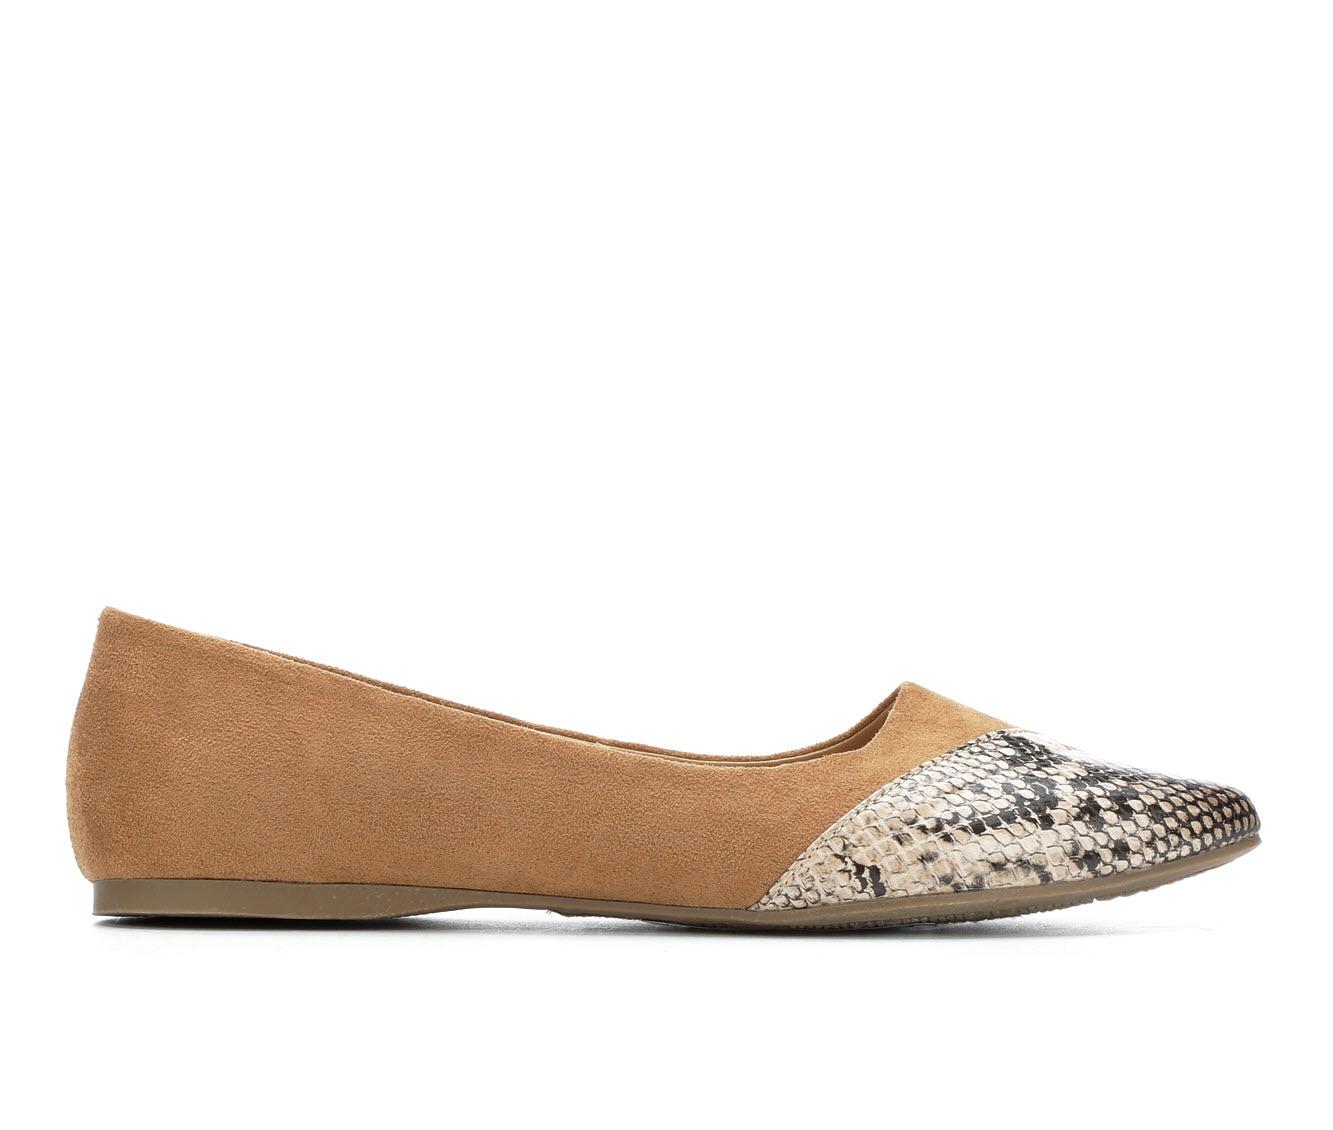 Y-Not Allison Women's Shoe (Beige Faux Leather)